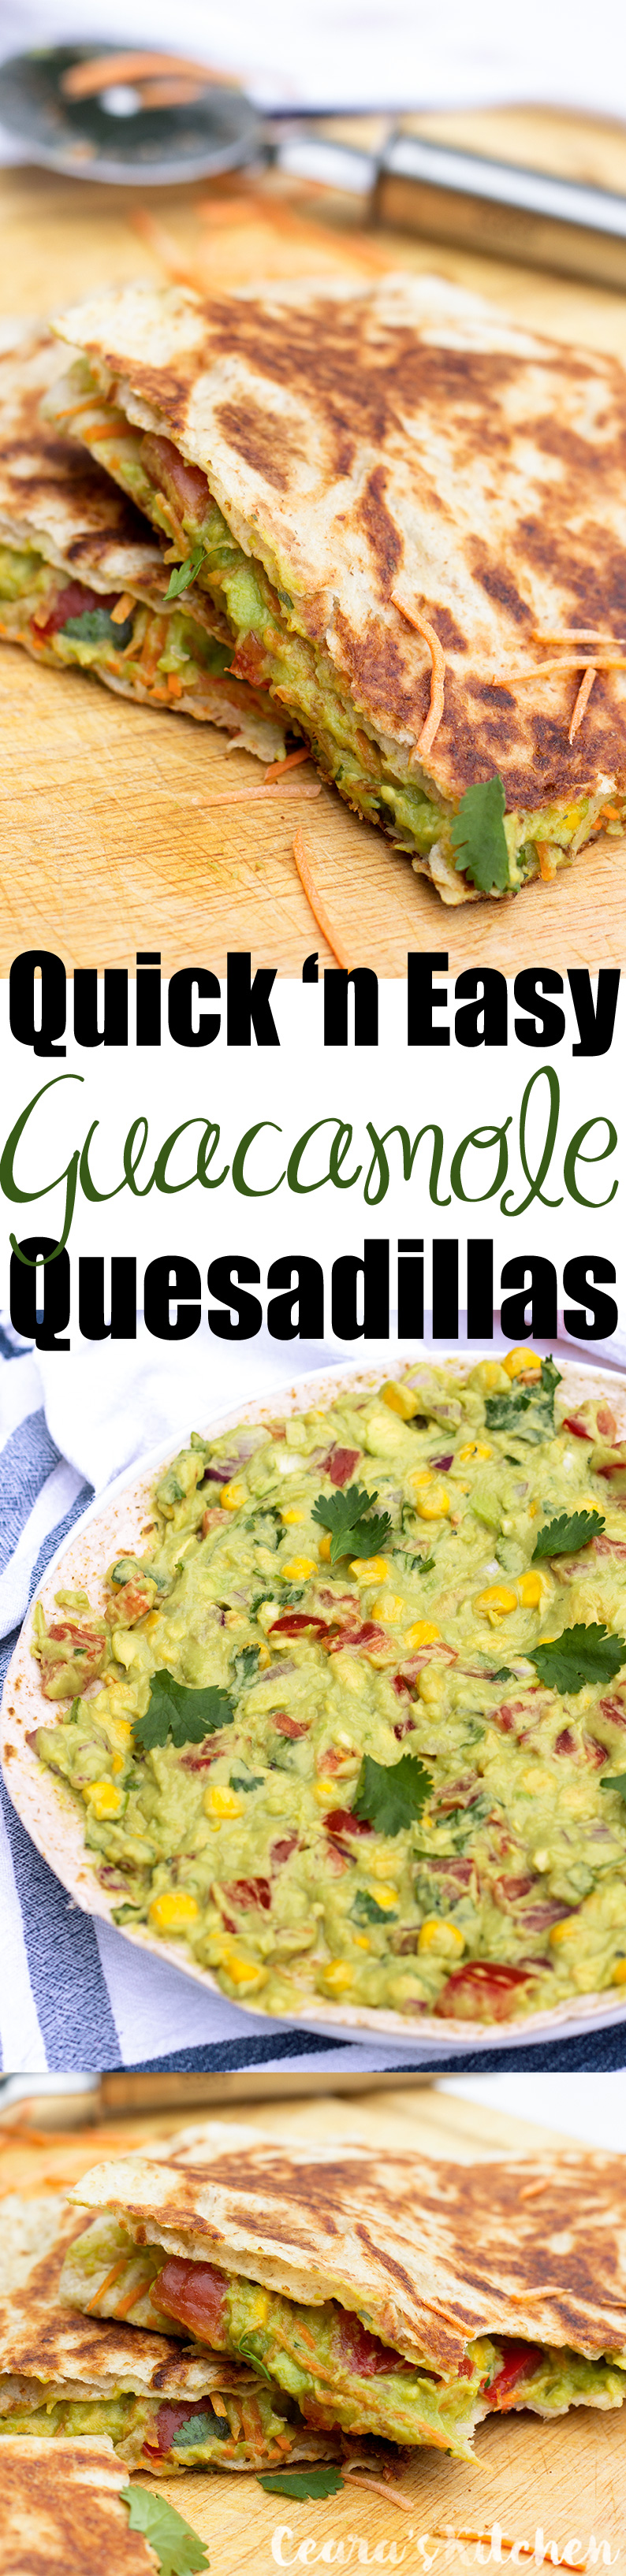 Quick and Easy Guacamole Quesadillas